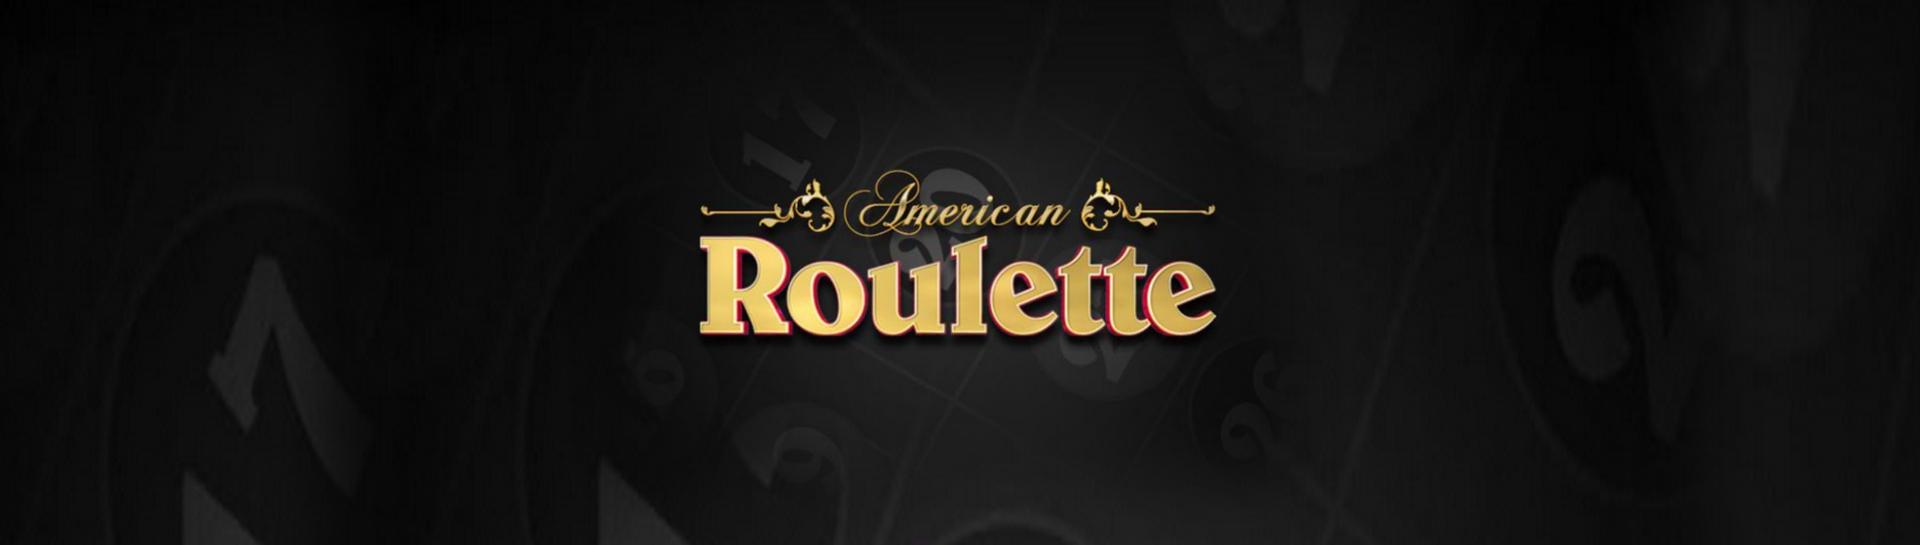 American Roulette casino.